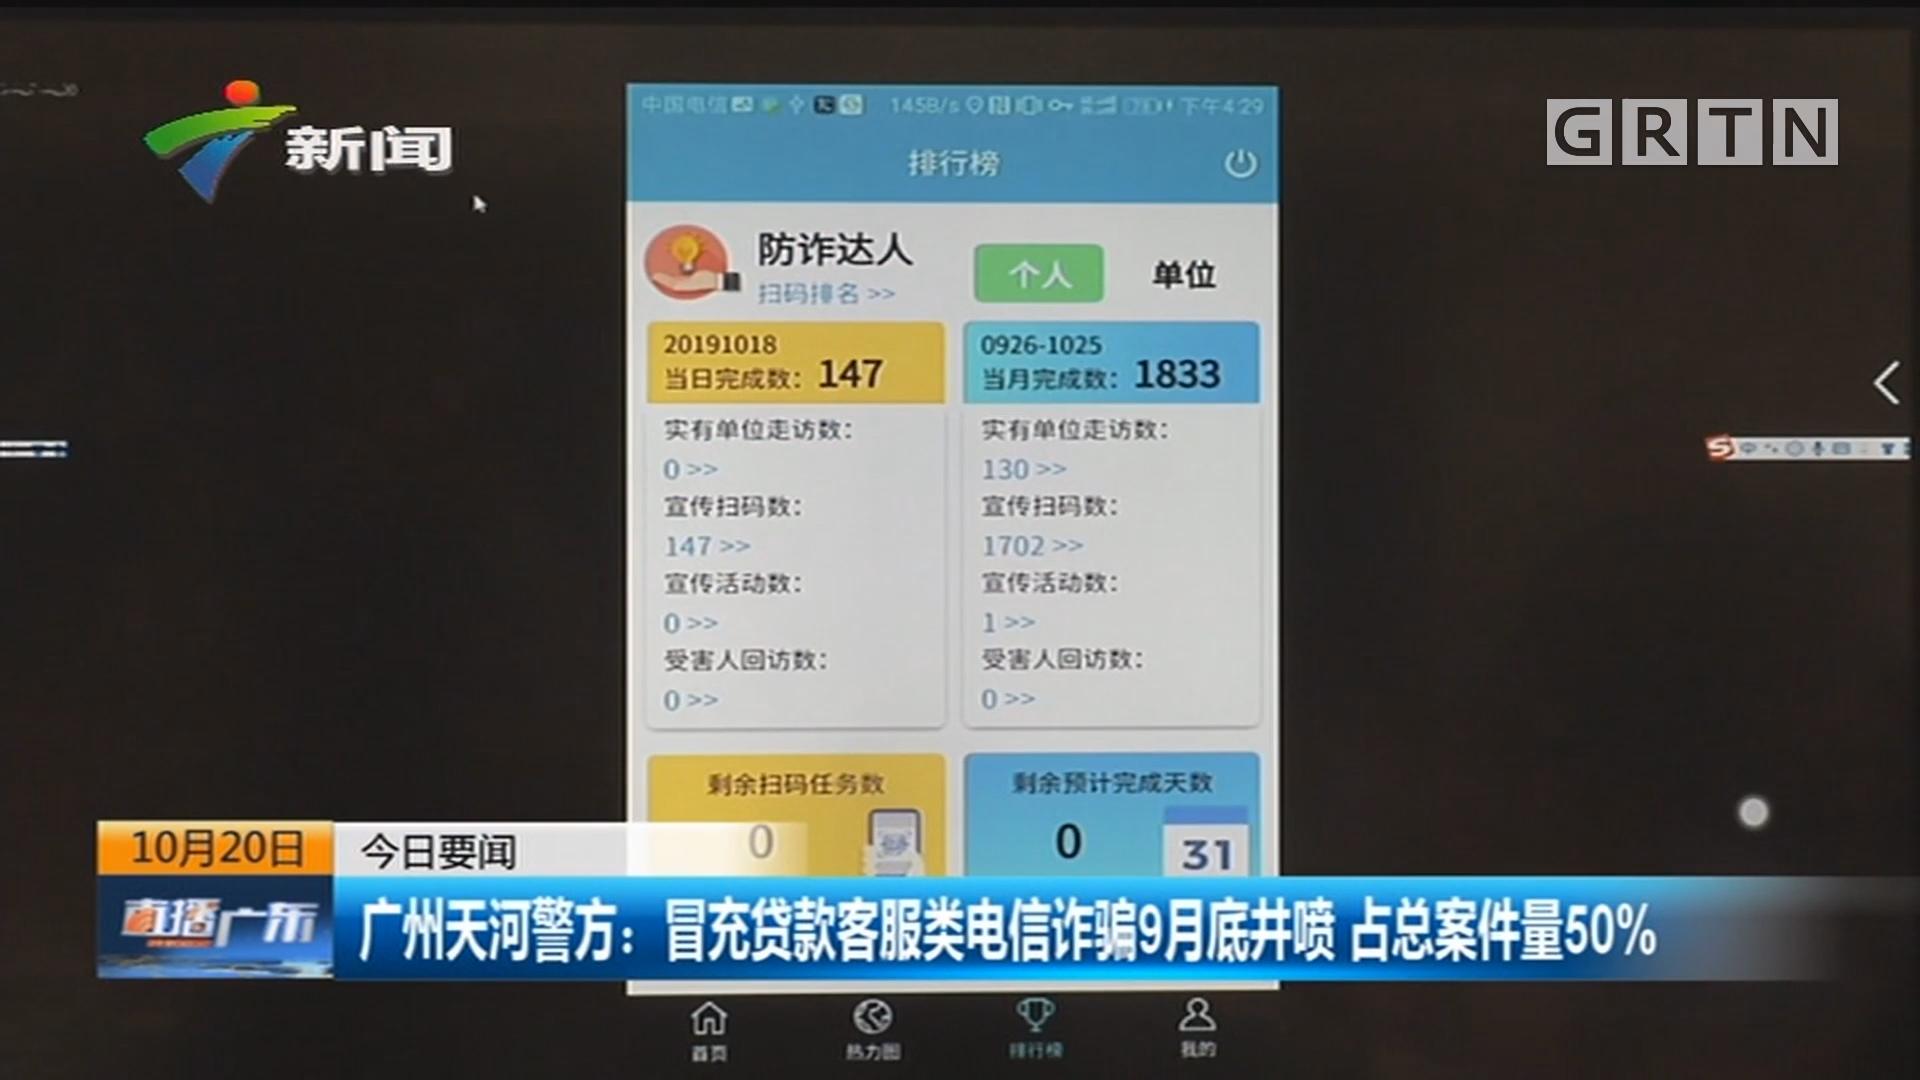 广州天河警方:冒充贷款客服类电信诈骗9月底井喷 占总案件量50%